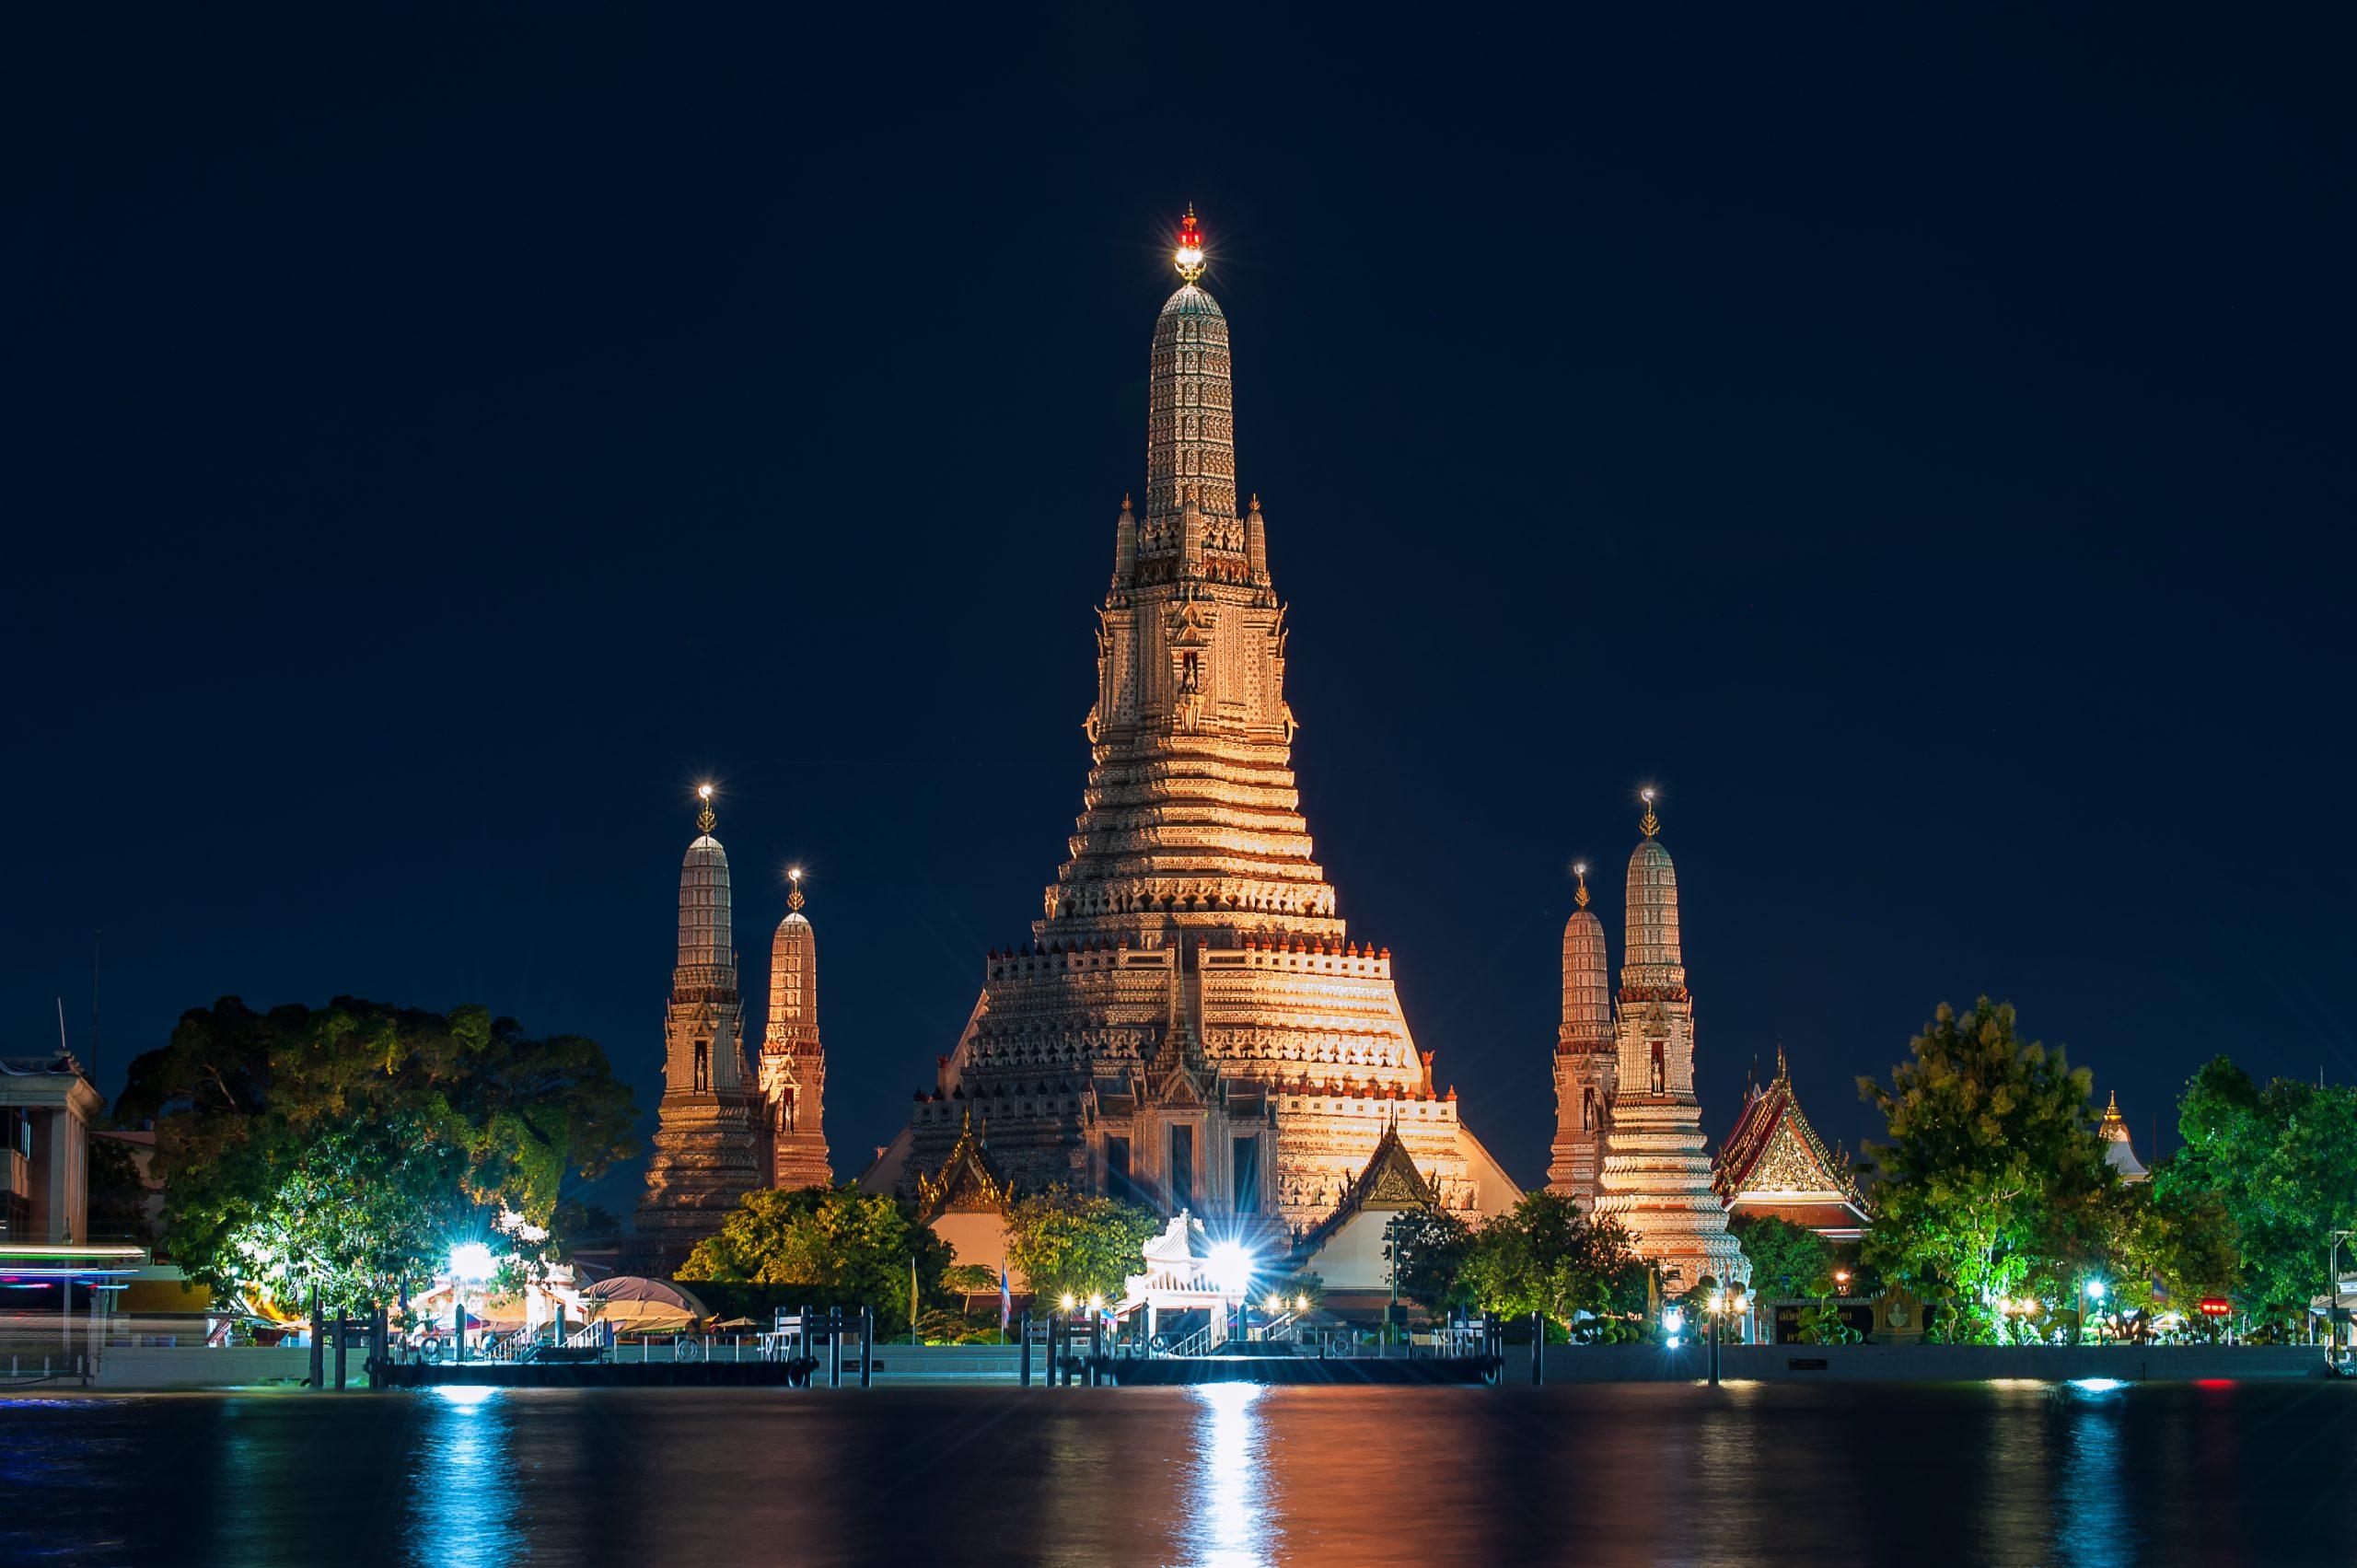 Wat Arun - Top Sight-Seeing Place to Visit in Bangkok